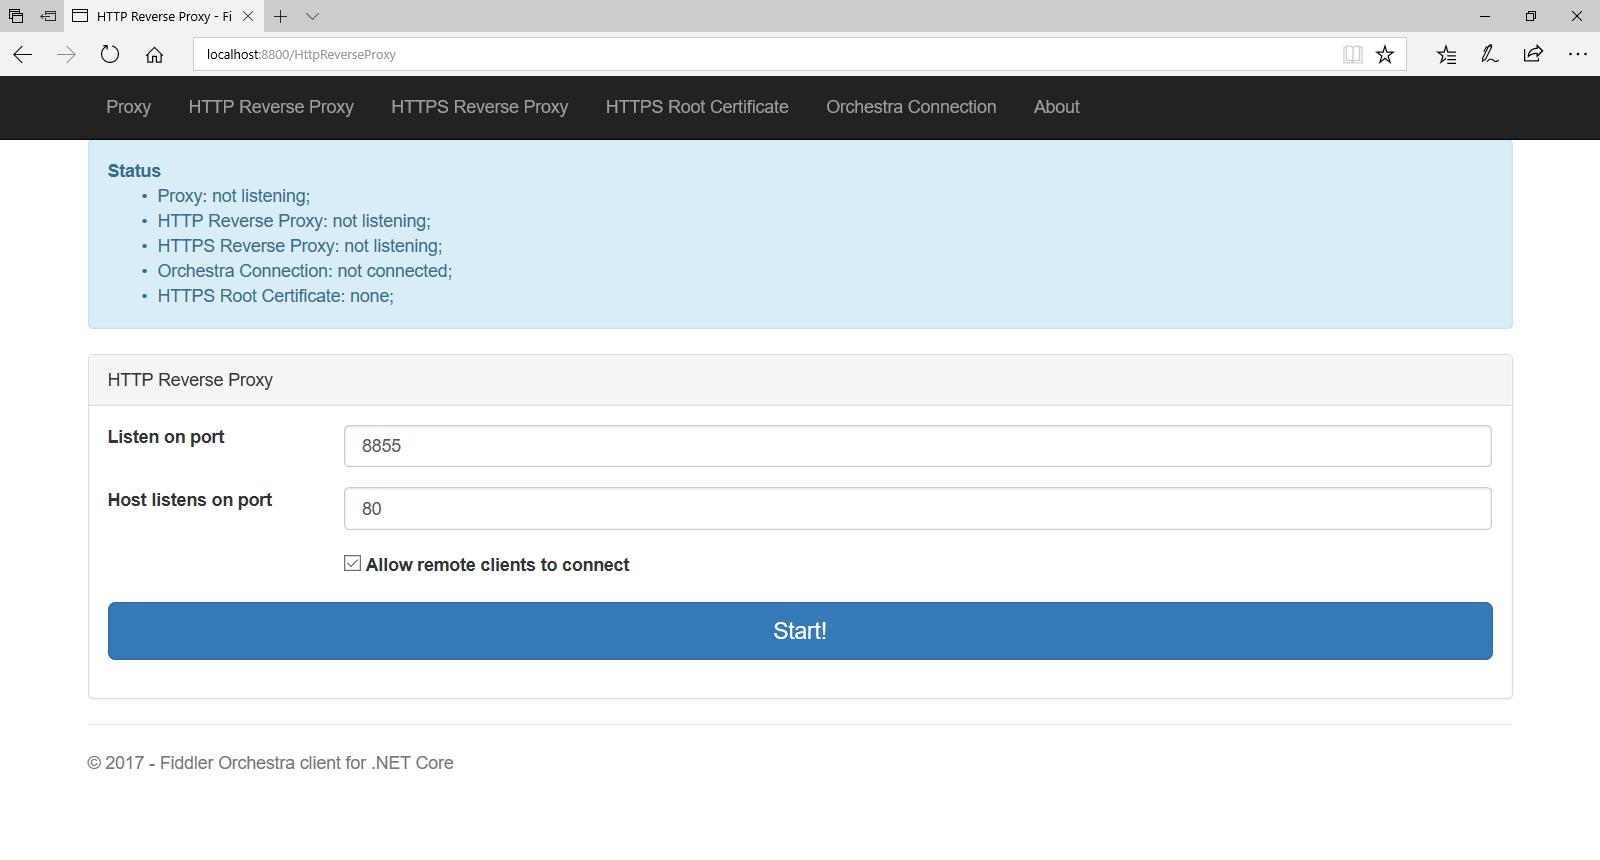 Fiddler Orchestra HTTP Reverse Proxy